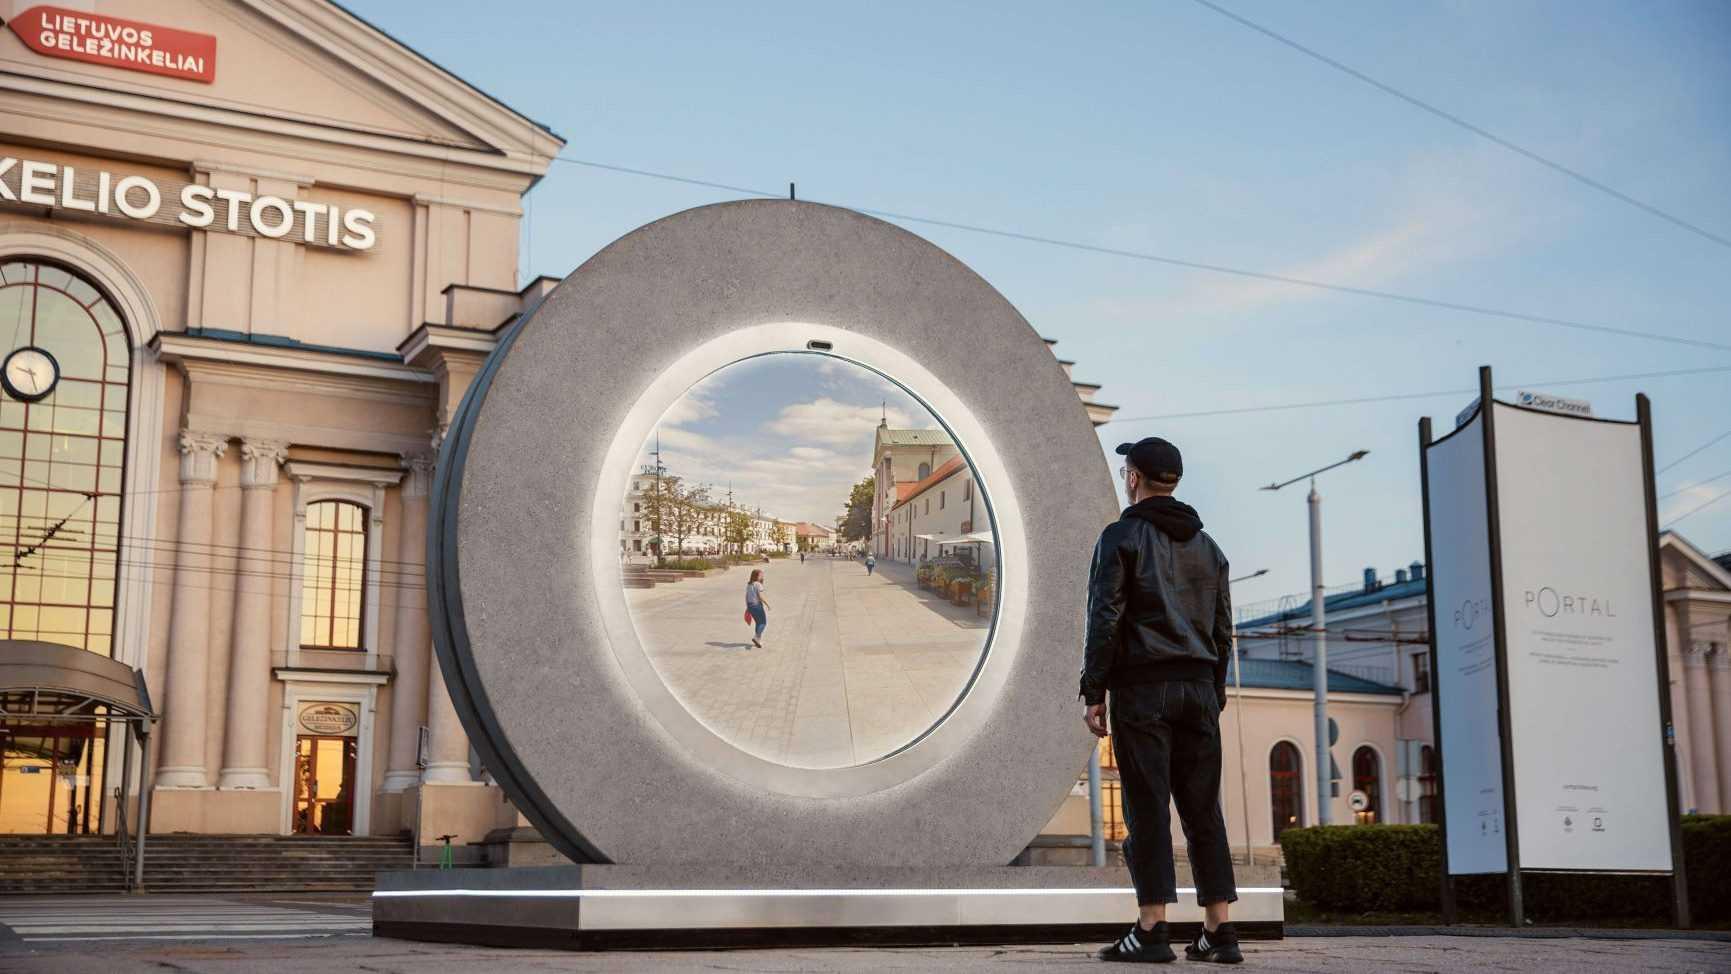 Ces deux portails vidéo géants relient deux villes européennes et semblent sortir de Stargate